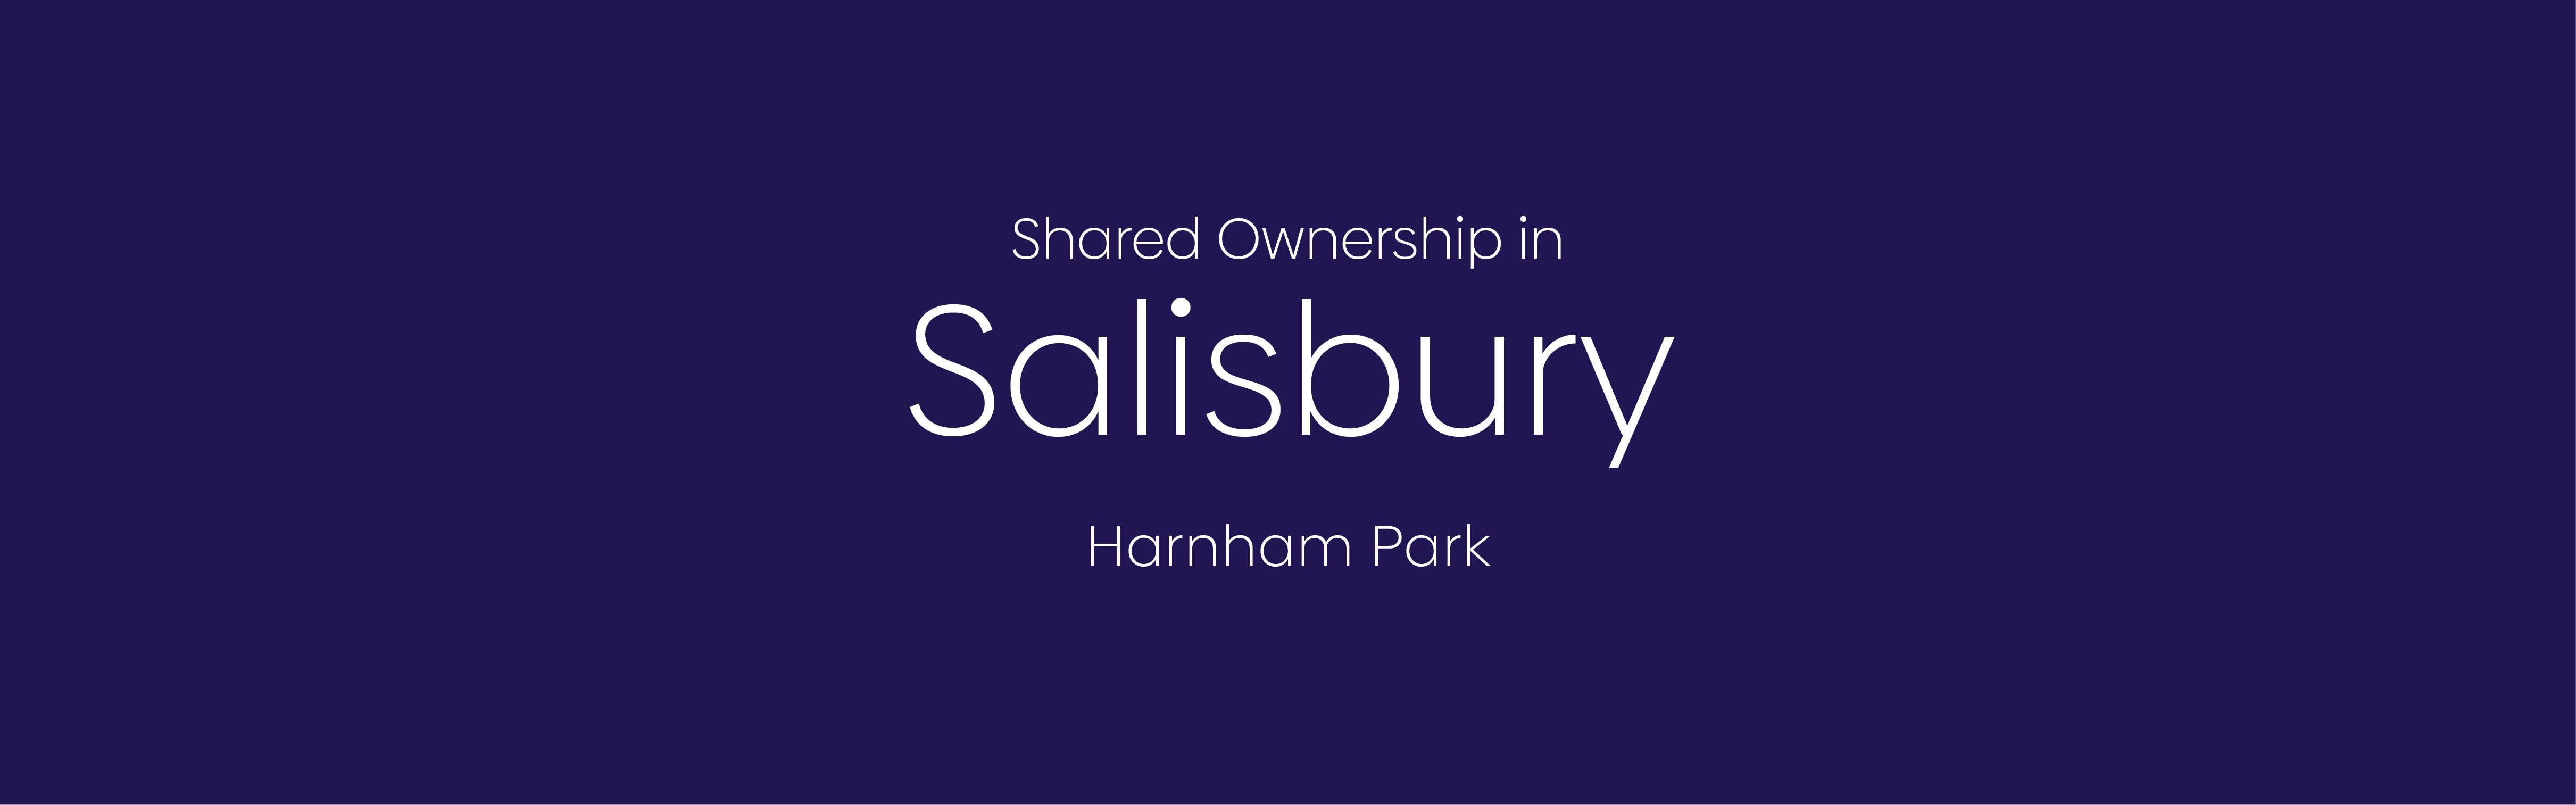 Harnham Park